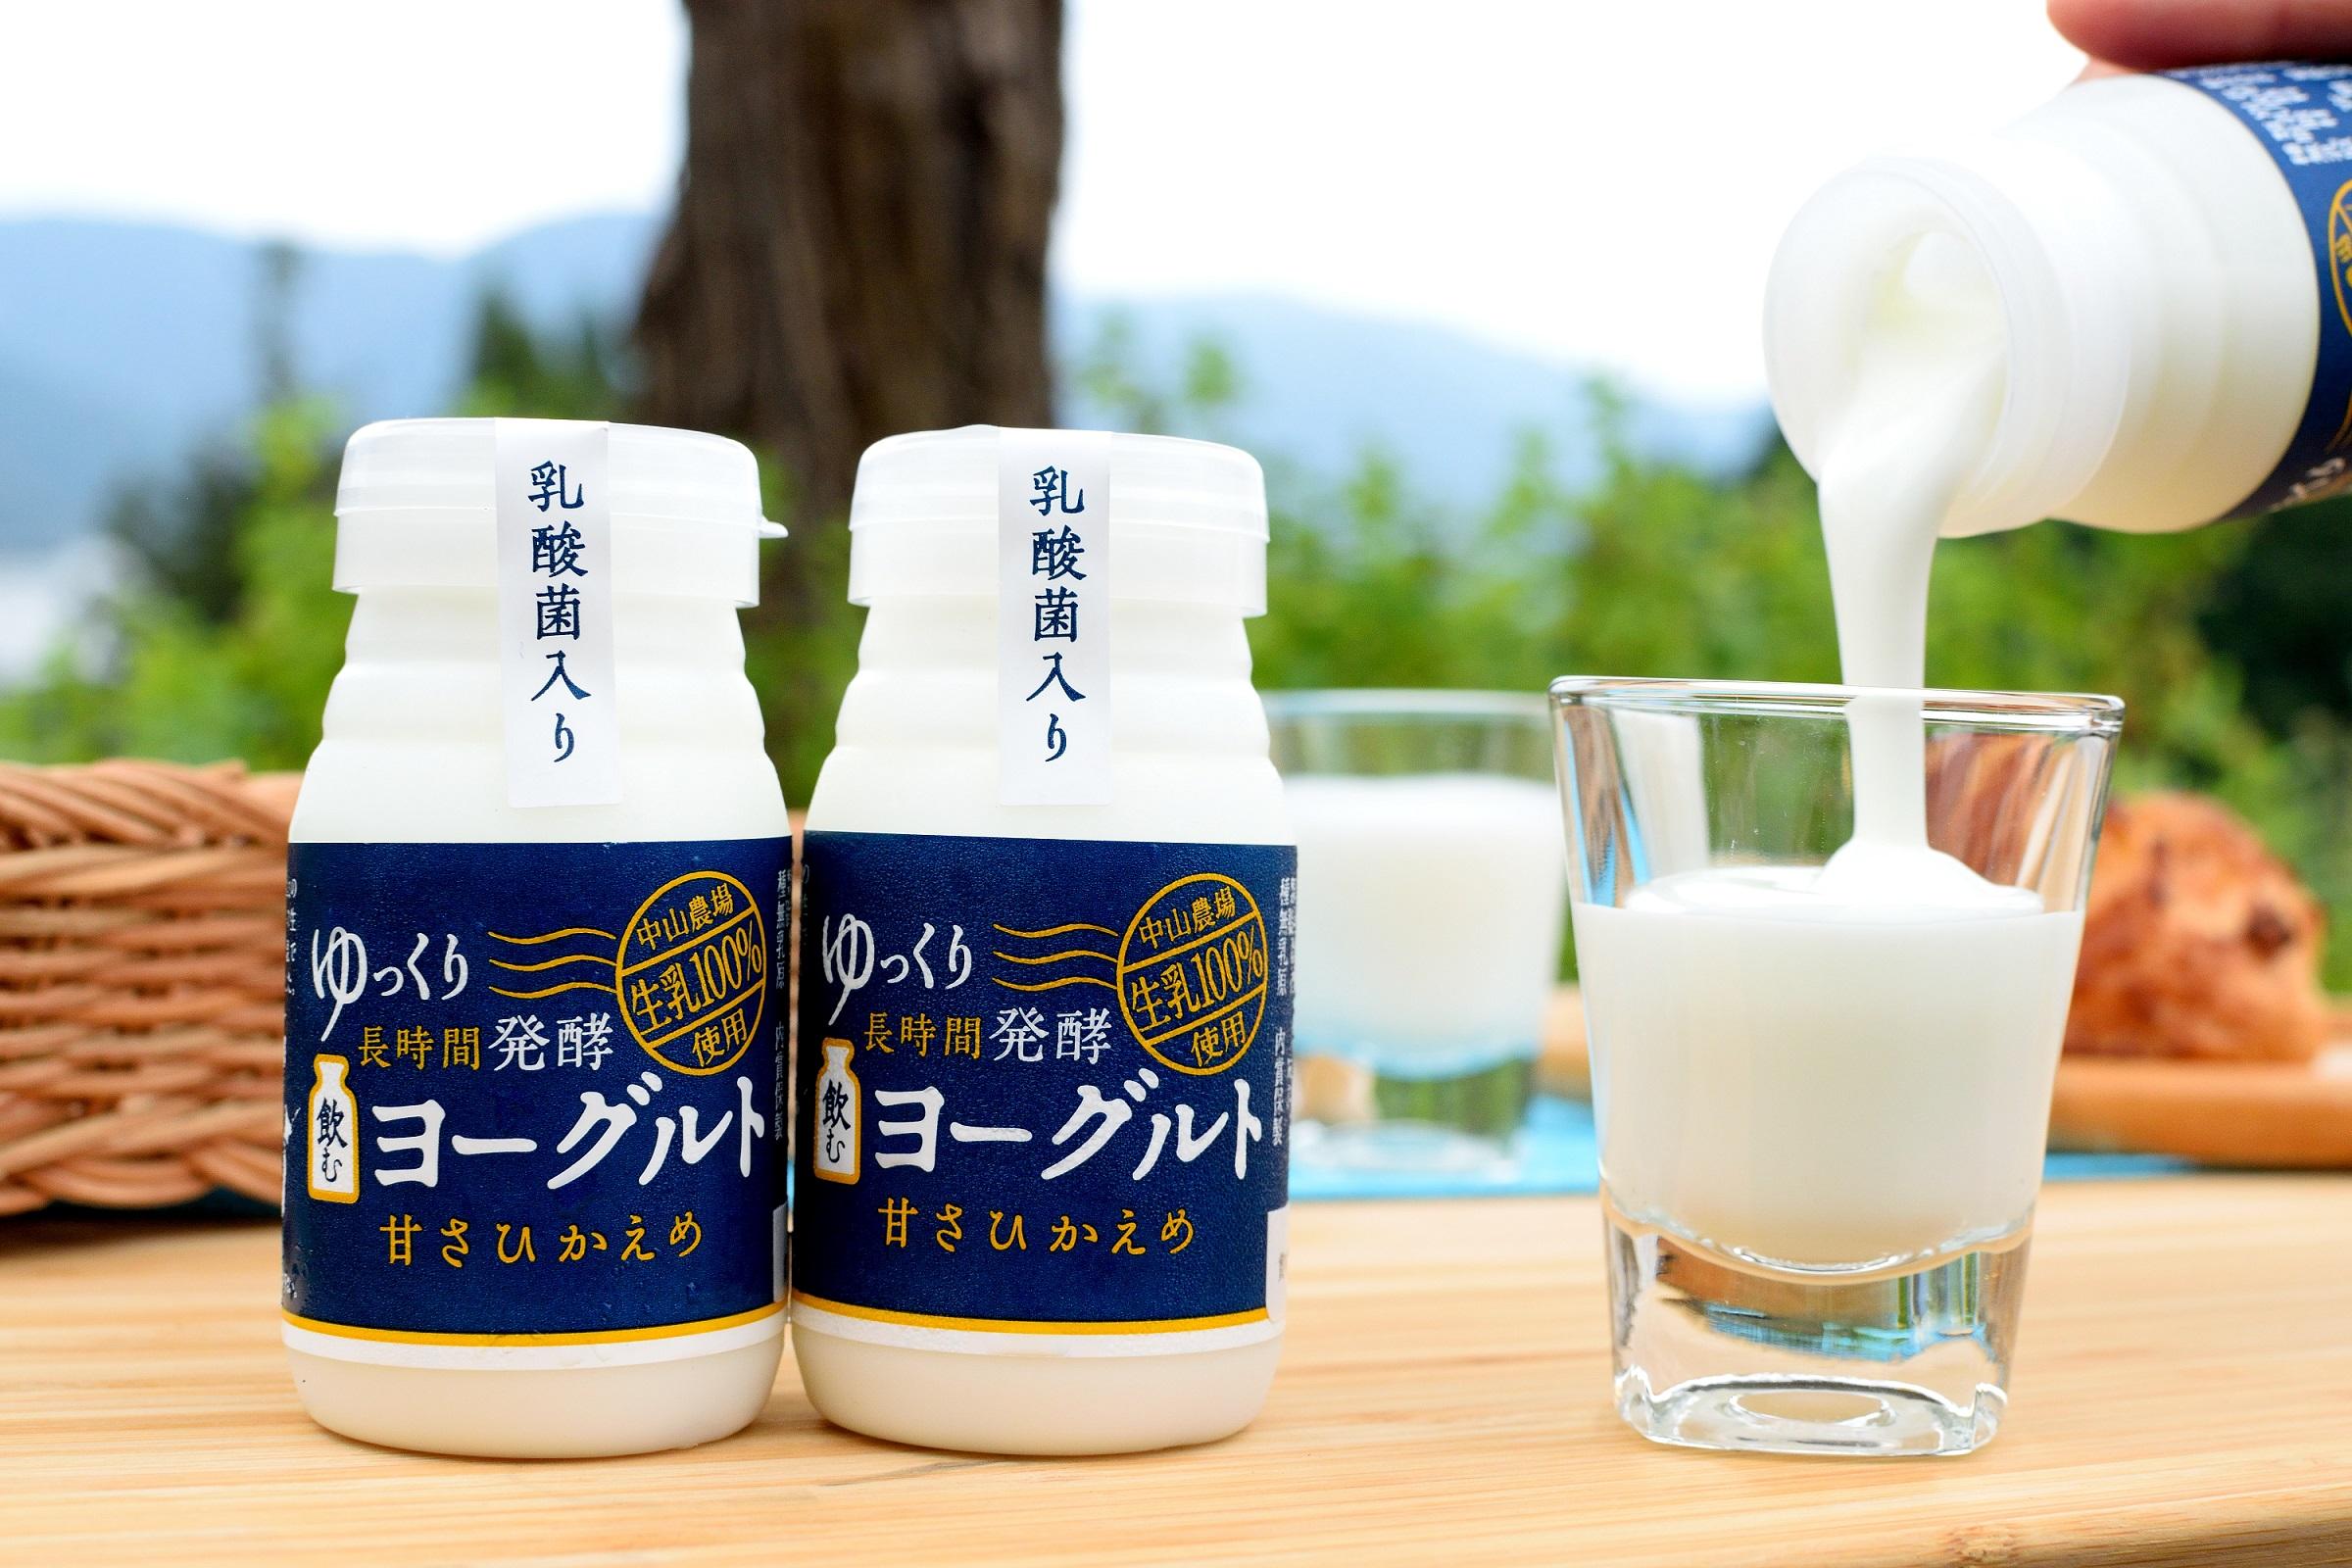 【中山農場生乳】 ゆっくり長時間発酵のむヨーグルト100ml画像